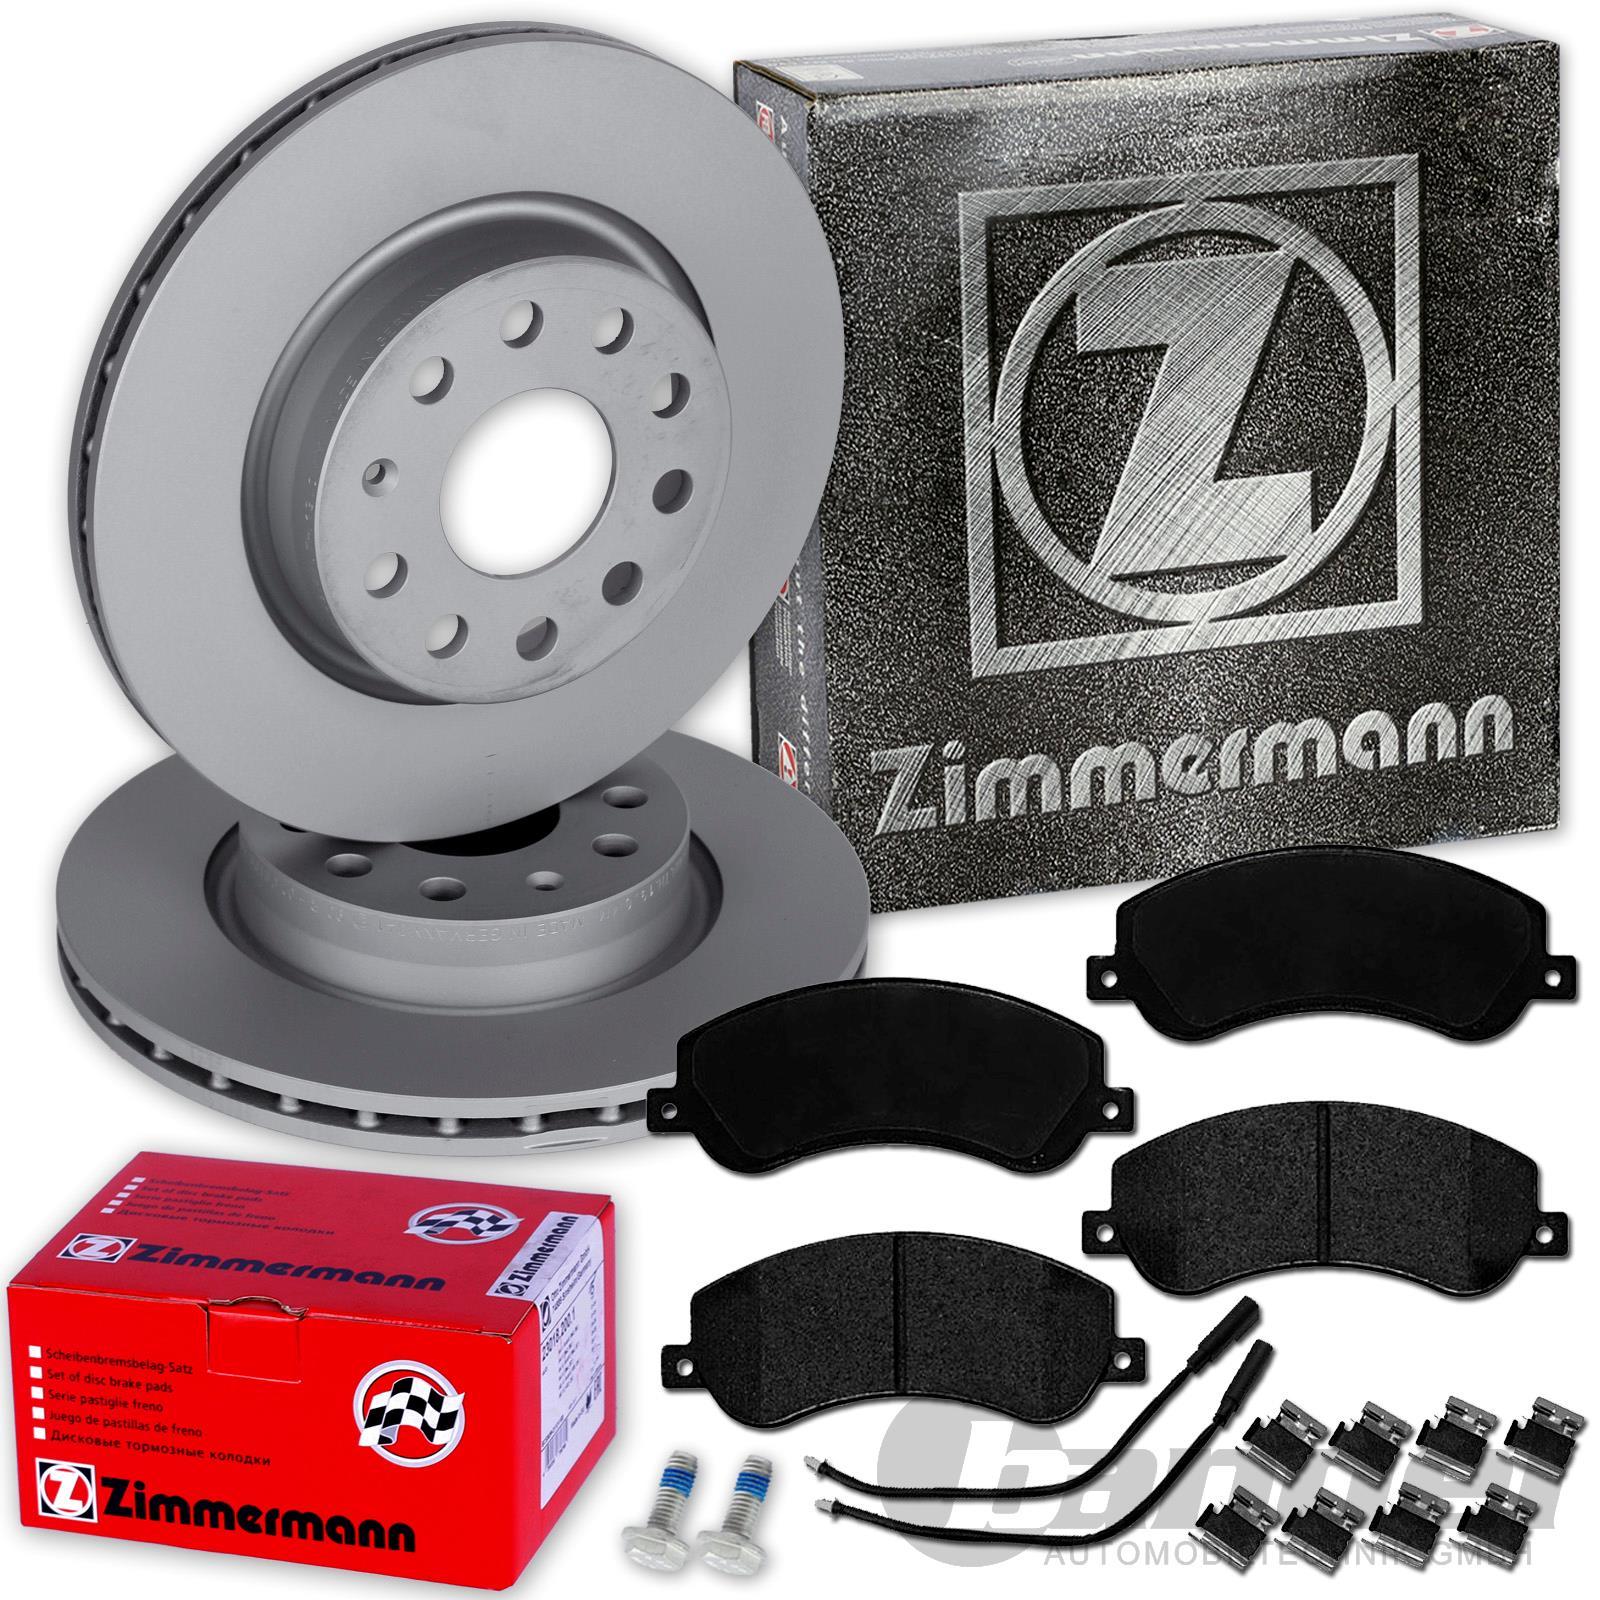 4motion Bremsbeläge vorne VW Amarok 2H S1B 2,0 TDI Zimmermann Bremsscheiben